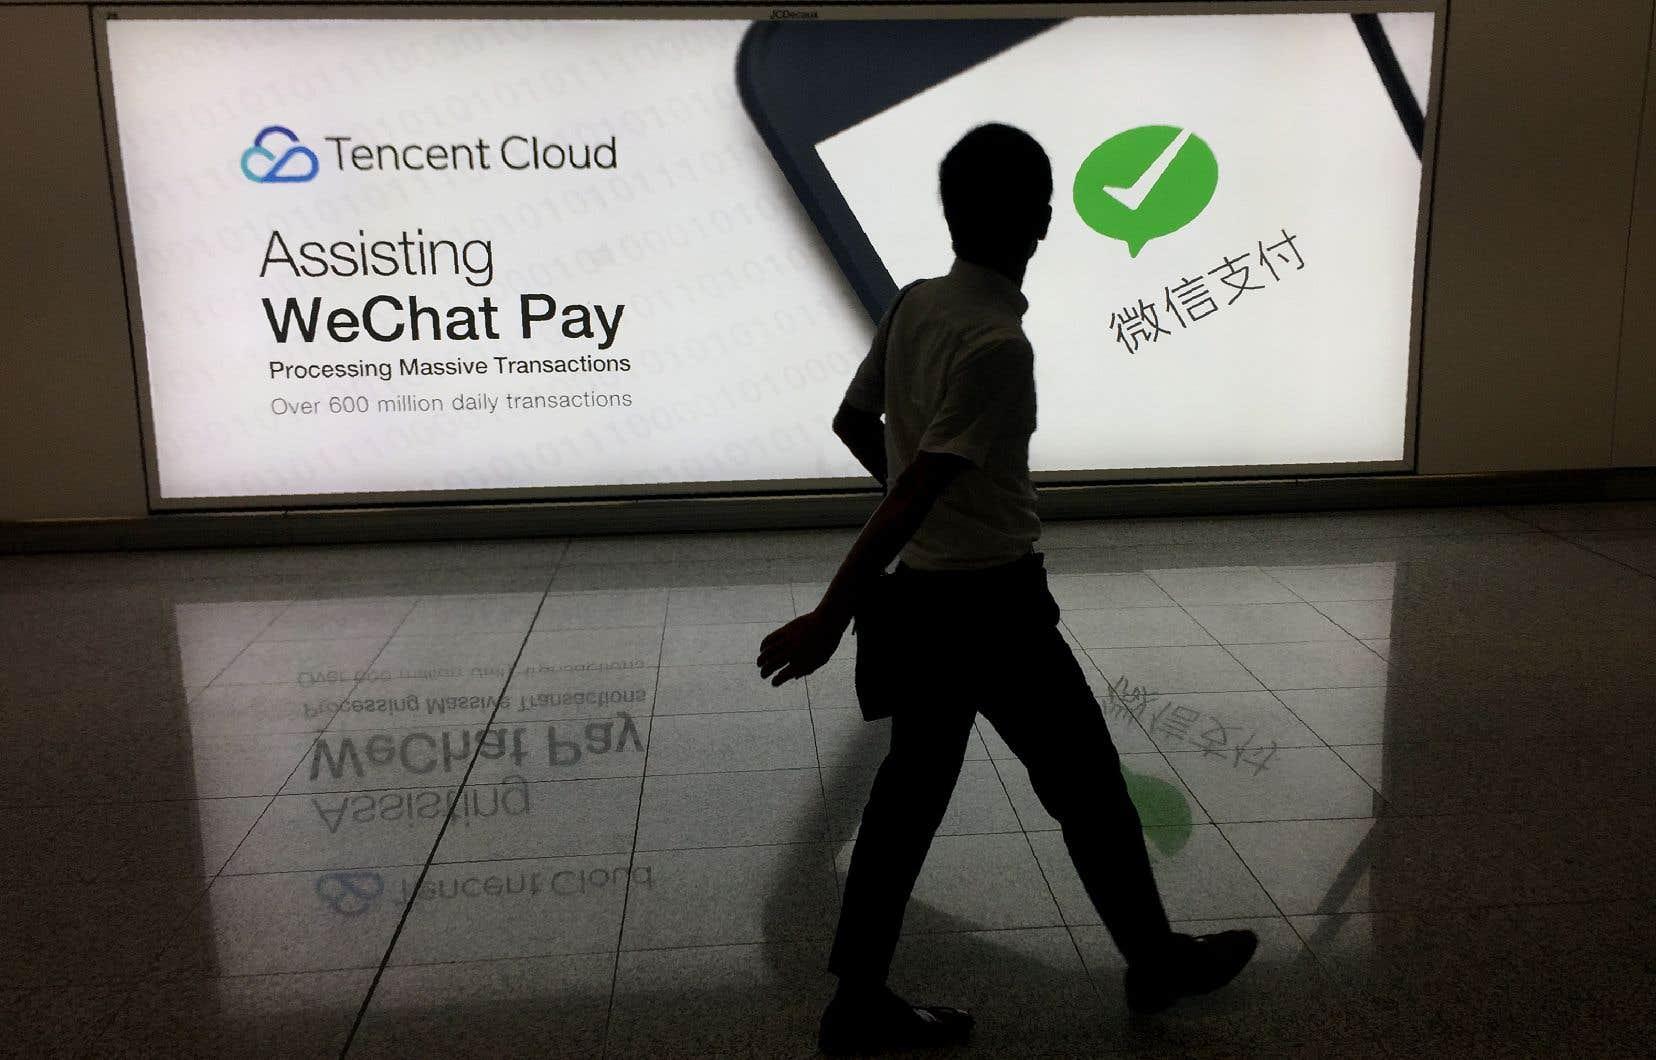 La valorisation de Tencent atteignait mardi, après clôture du marché, l'équivalent de 523 milliards $US, dépassant donc d'un cheveu les 519 milliards de Facebook.